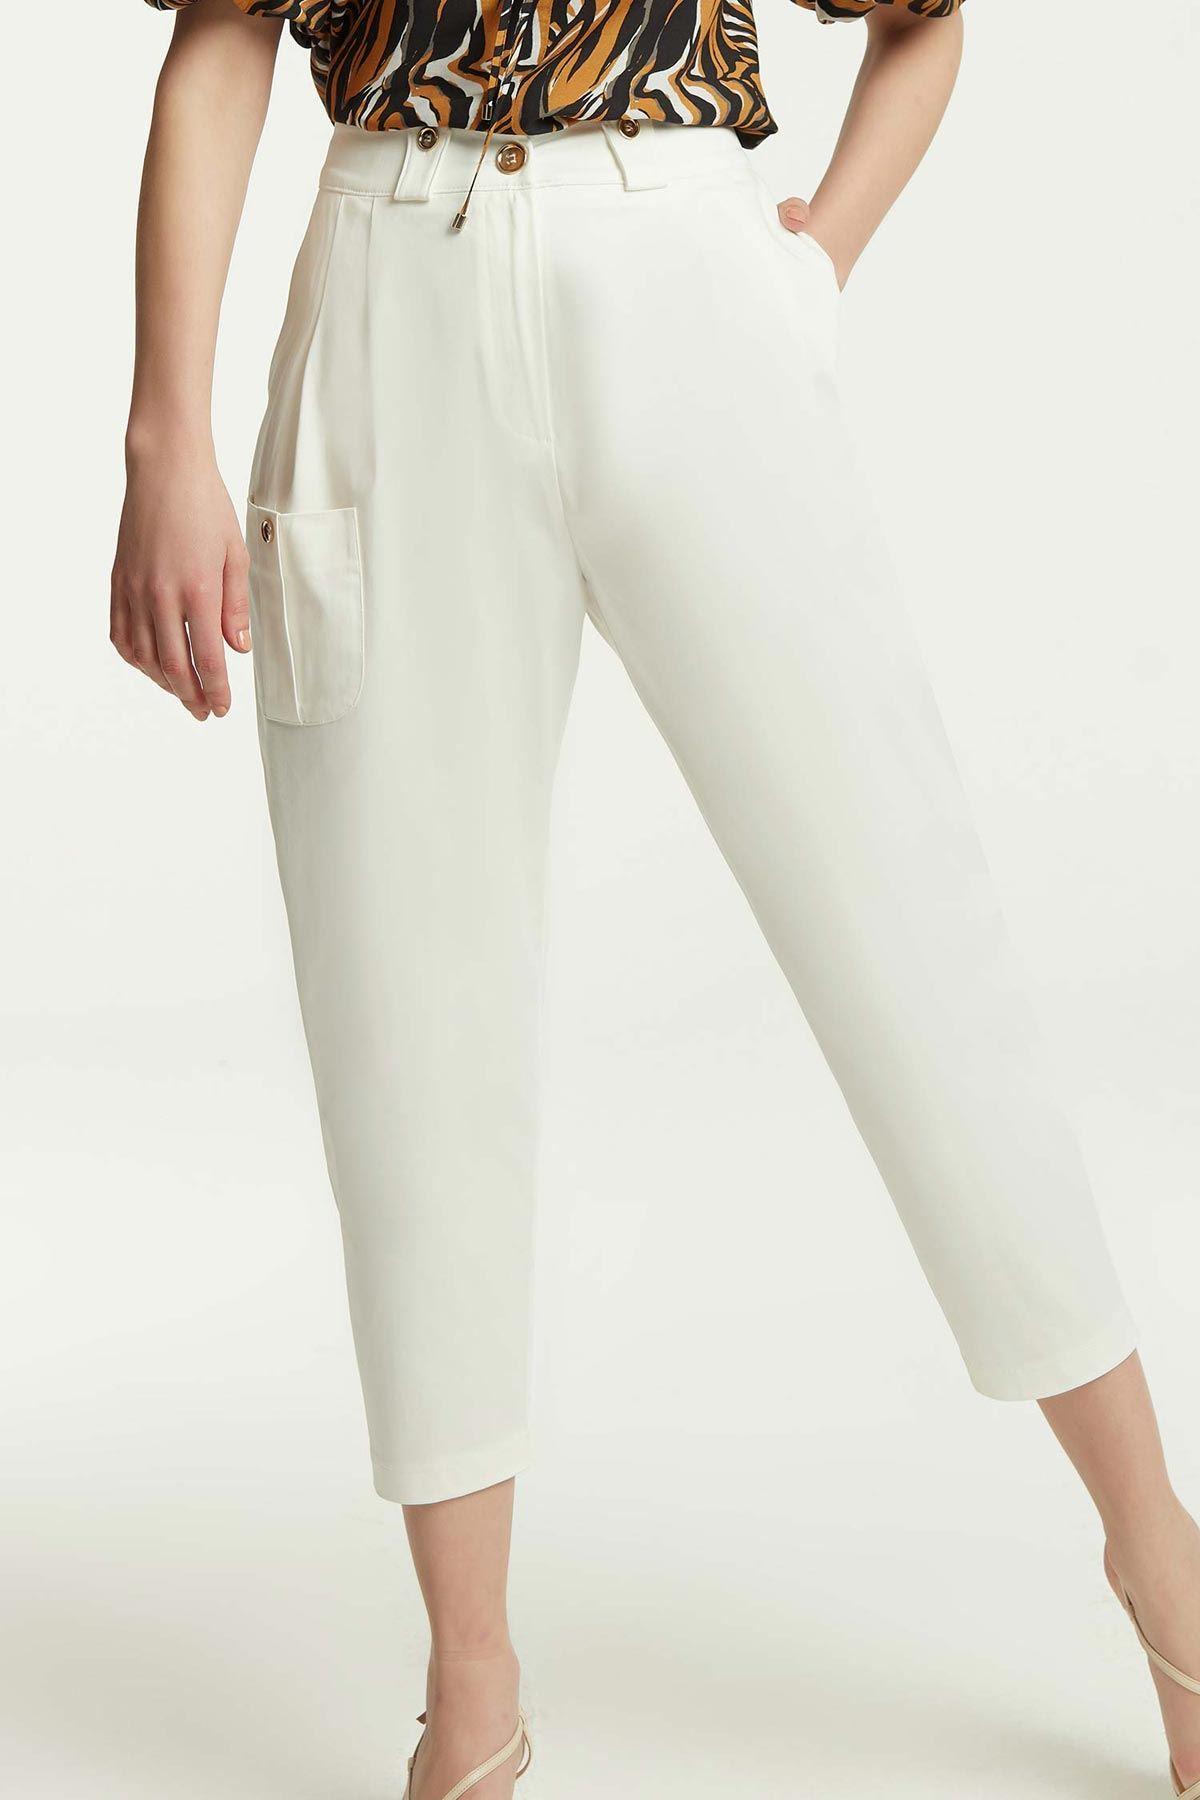 Yüksek Bel Torba Cepli Pantolon Beyaz